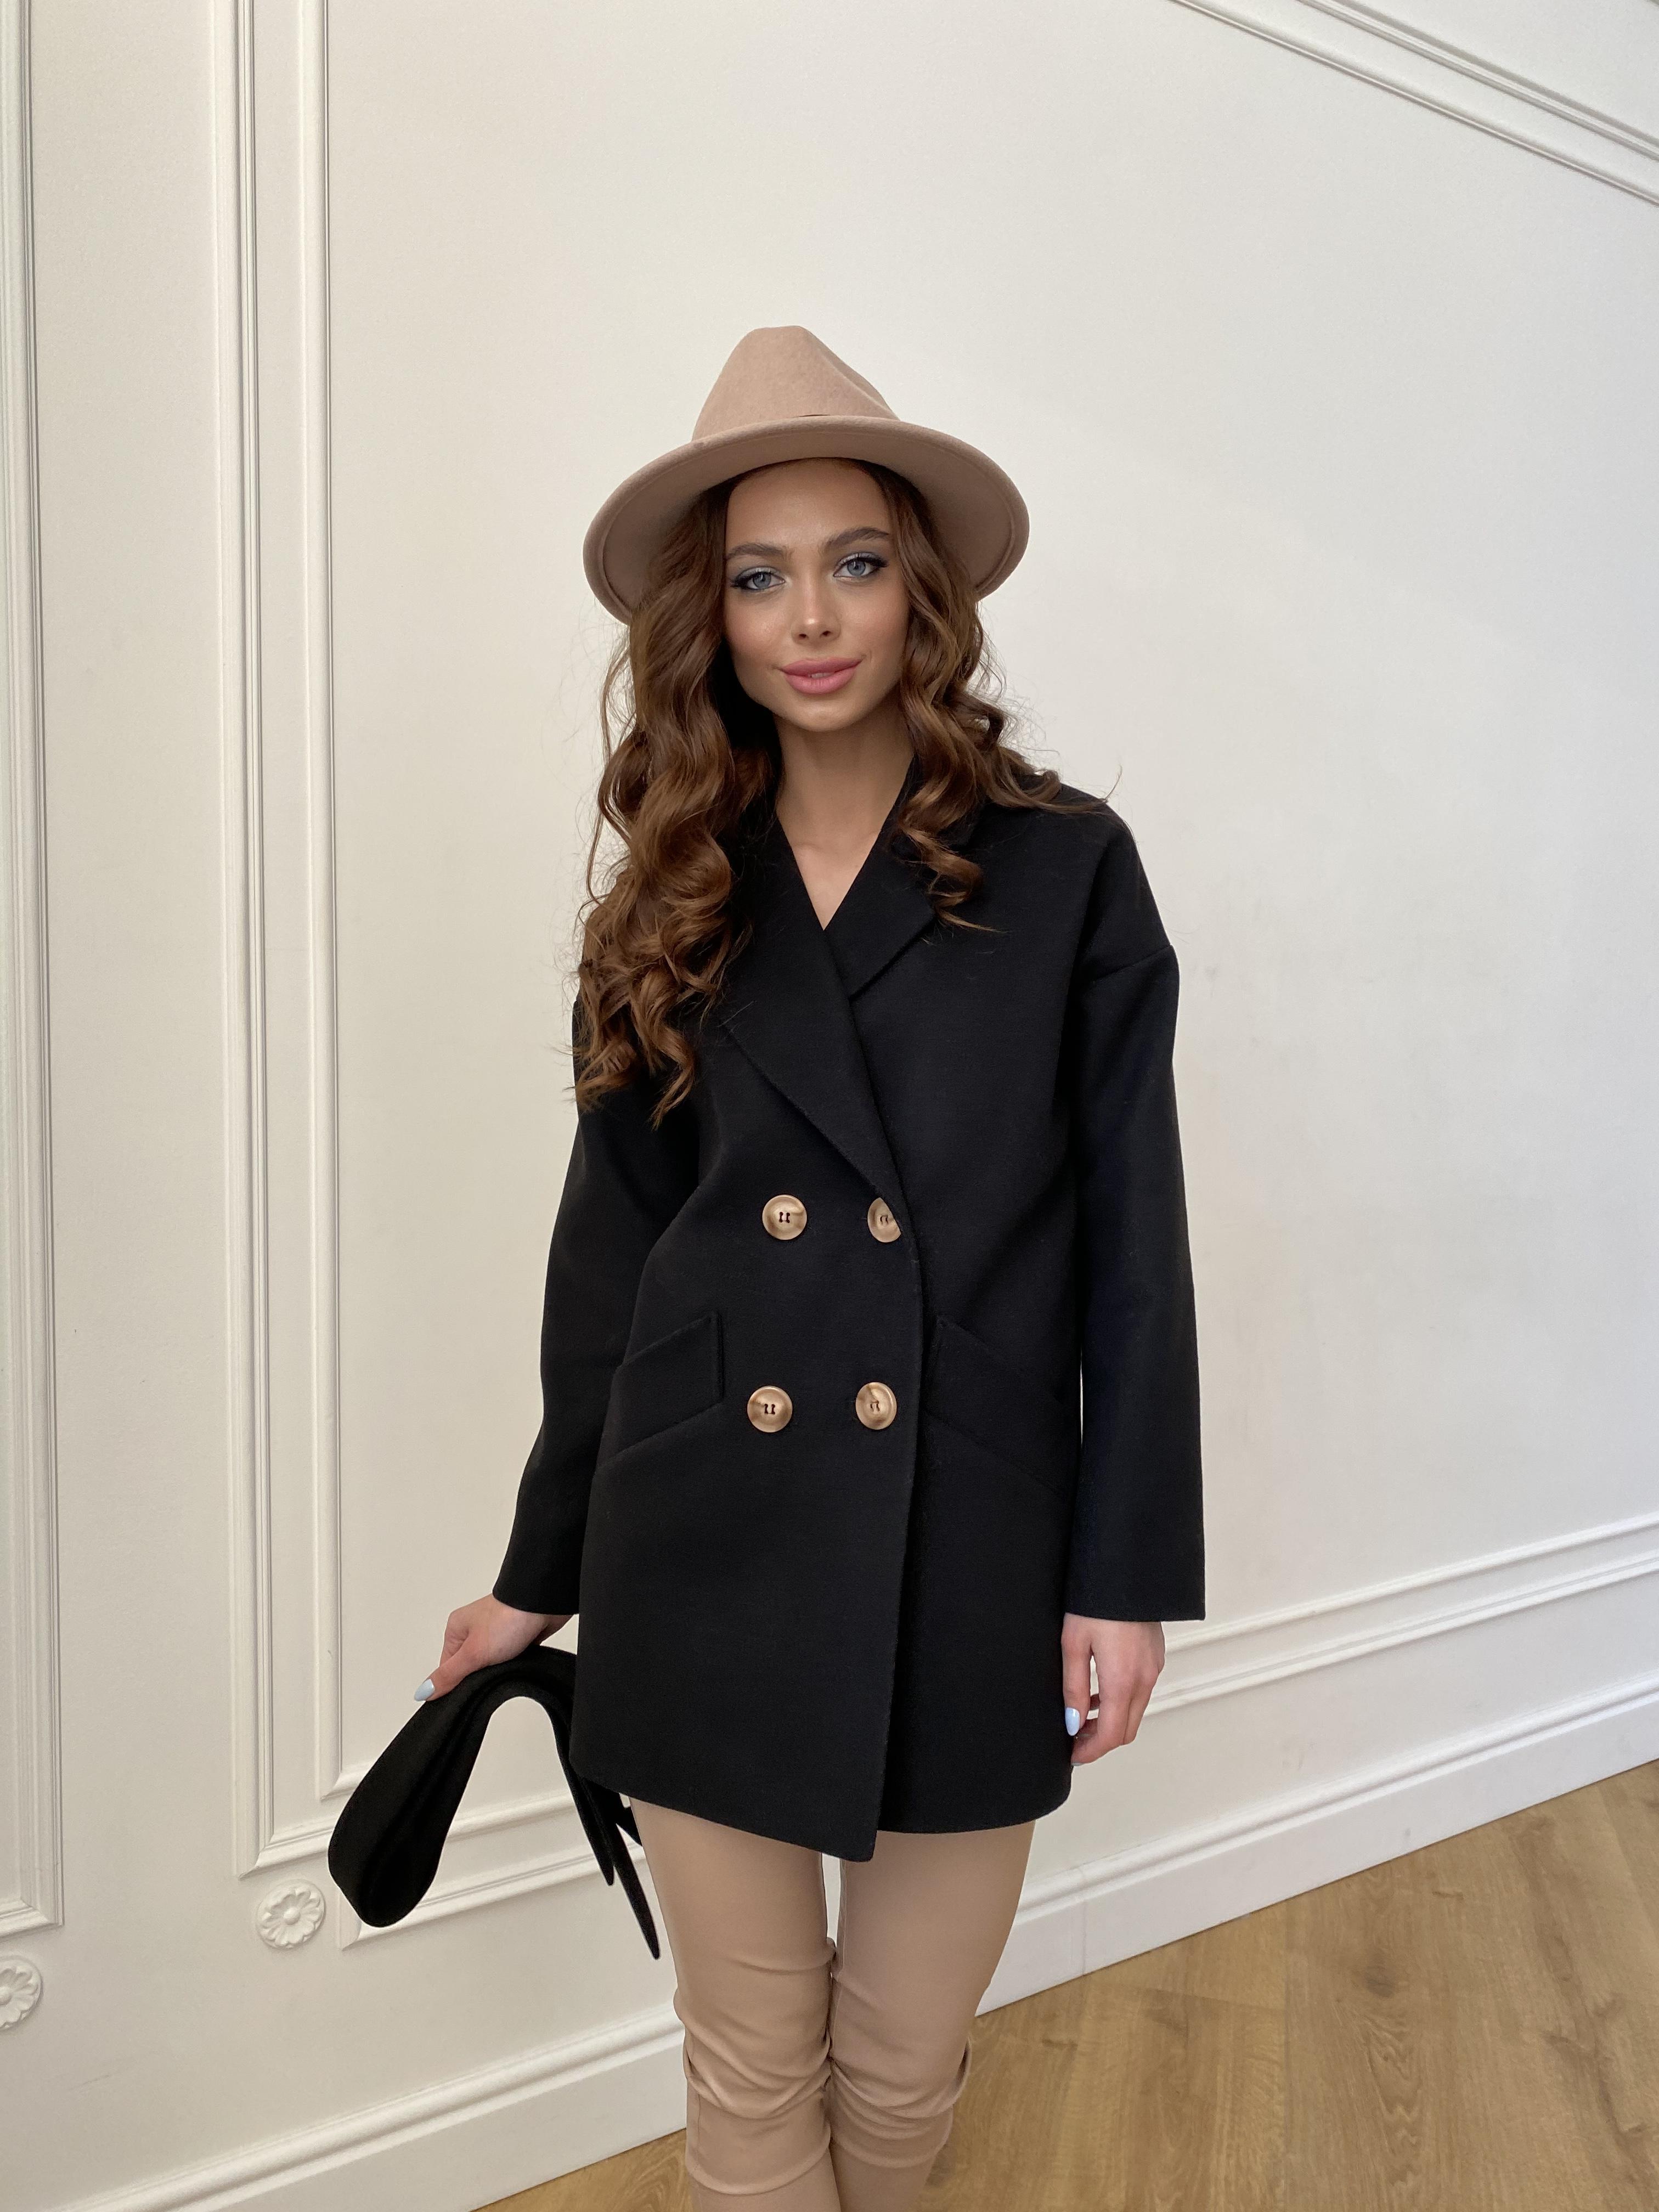 Бонд пальто из гладкого кашемира 10900 АРТ. 47367 Цвет: Черный - фото 3, интернет магазин tm-modus.ru